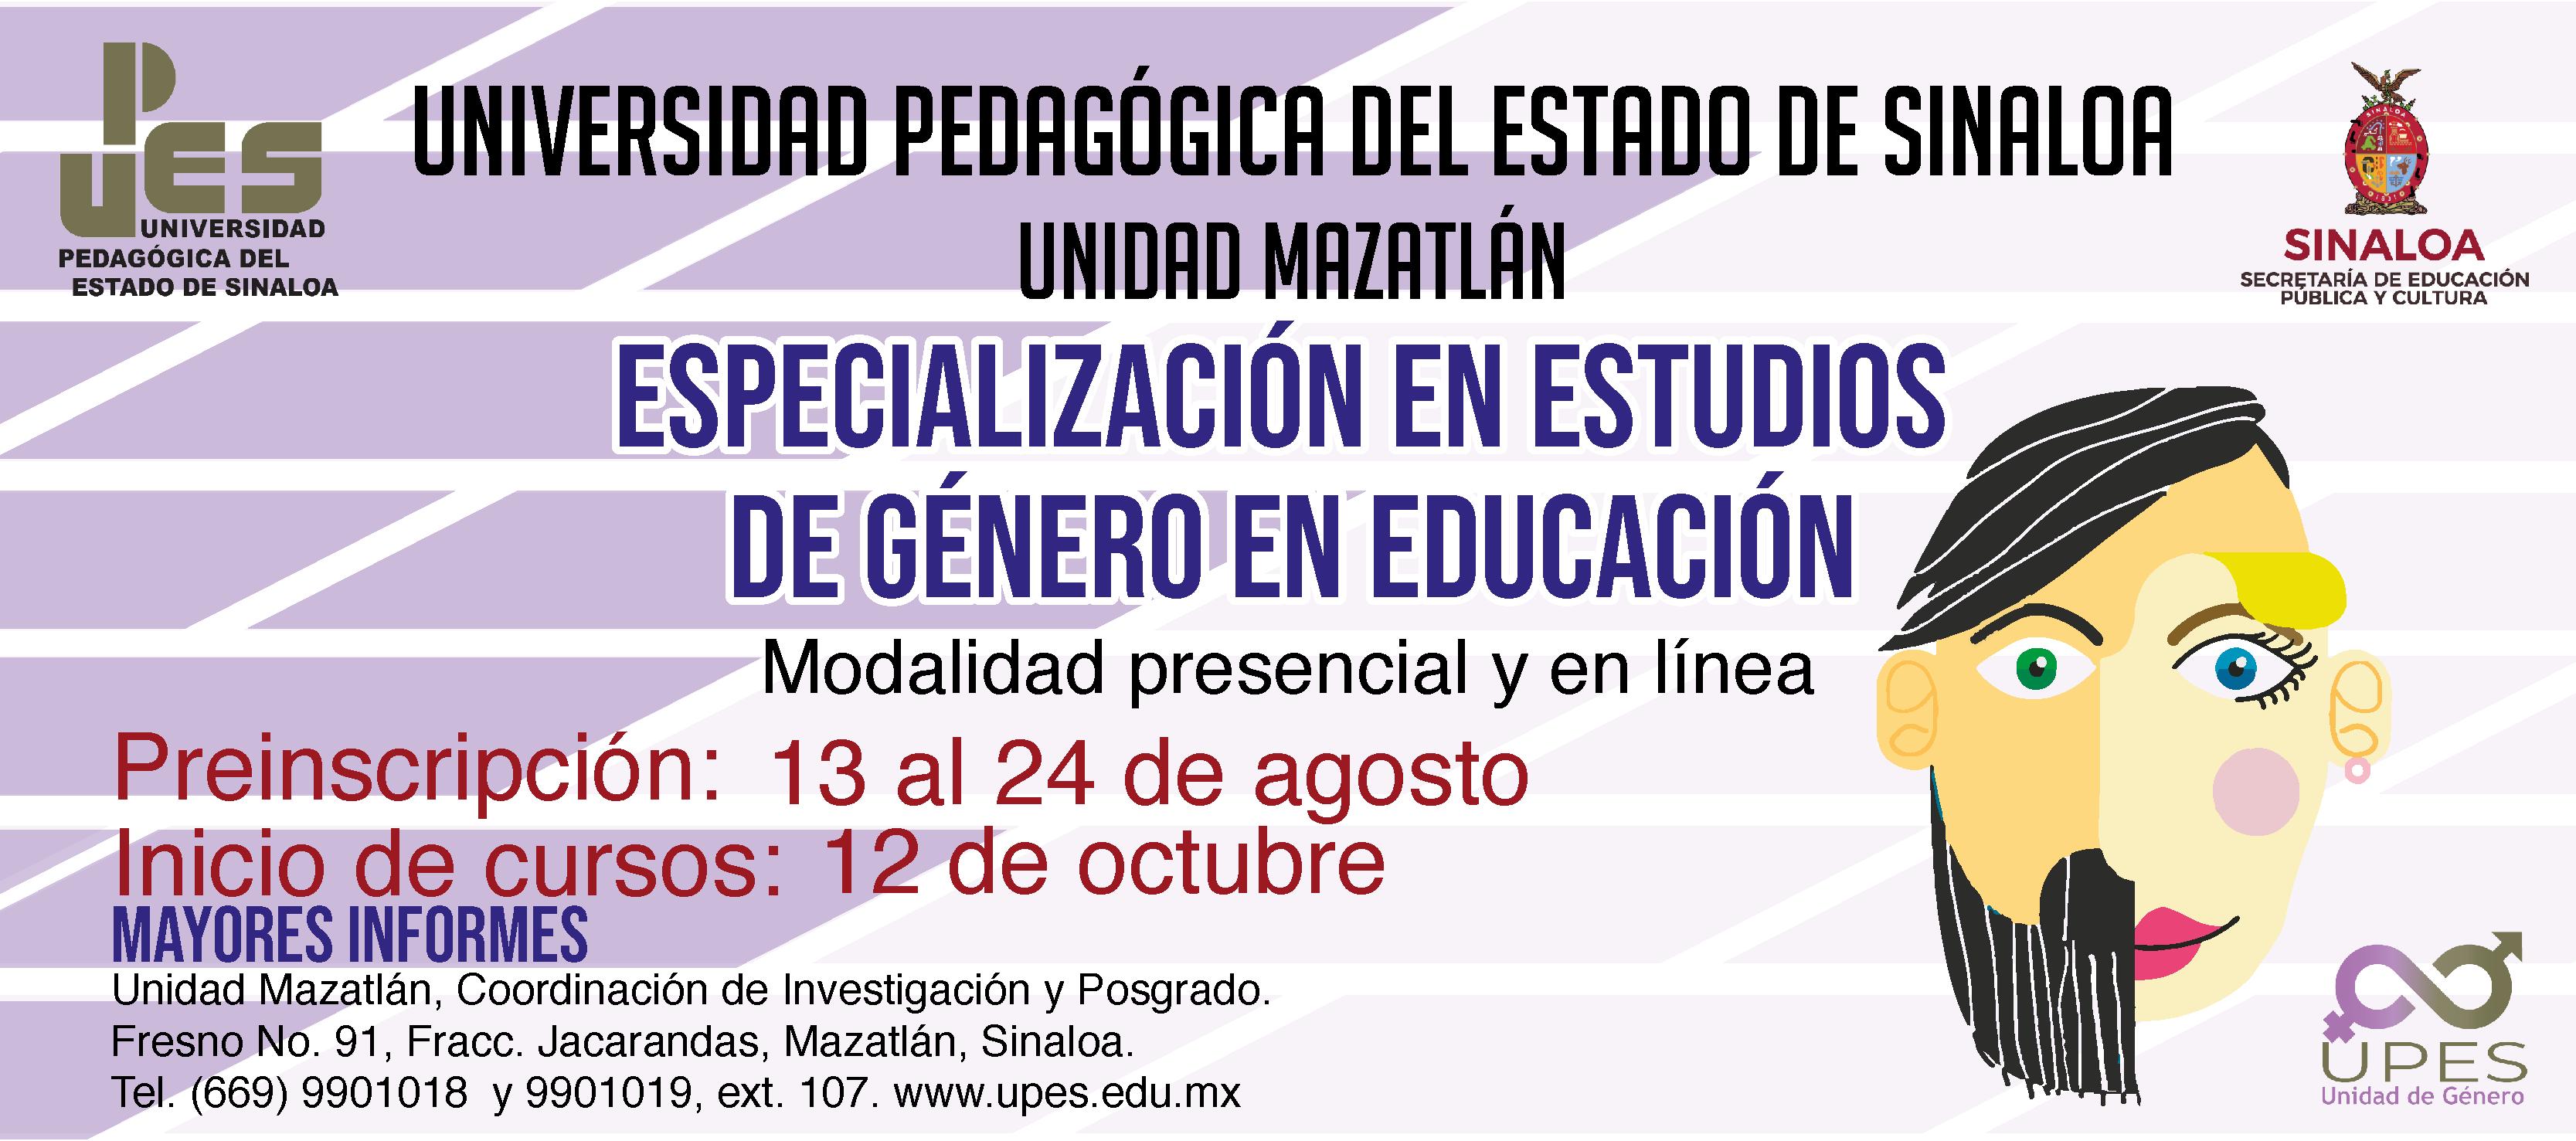 ESPECIALIZACION-EN-ESTUDIOS-DE-GENERO-EN-EDUCACION-slider